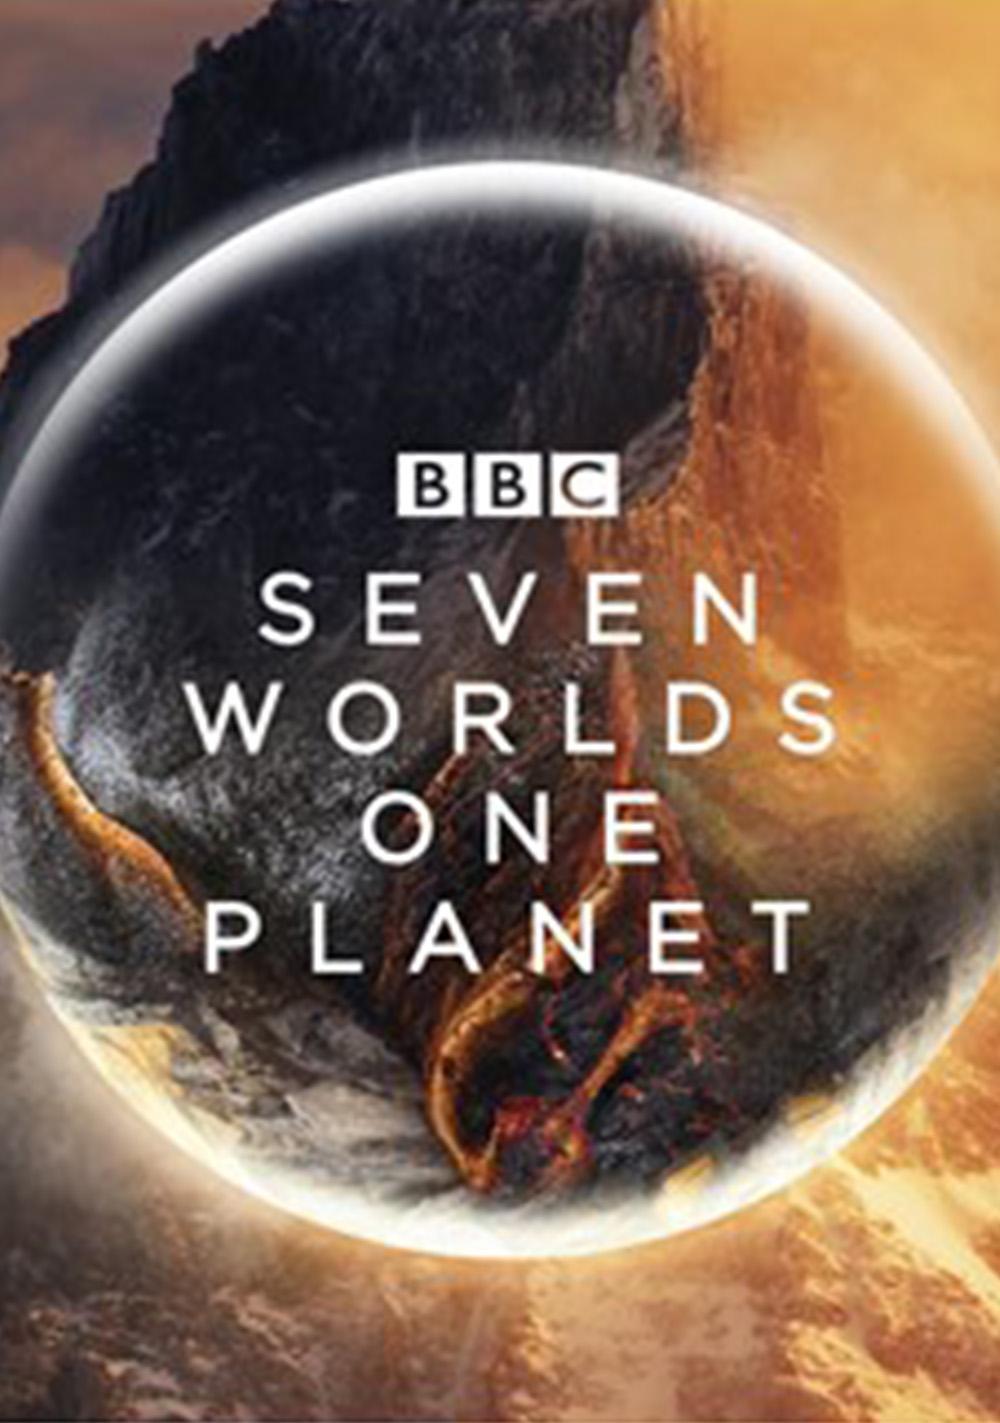 BBC Seven Worlds